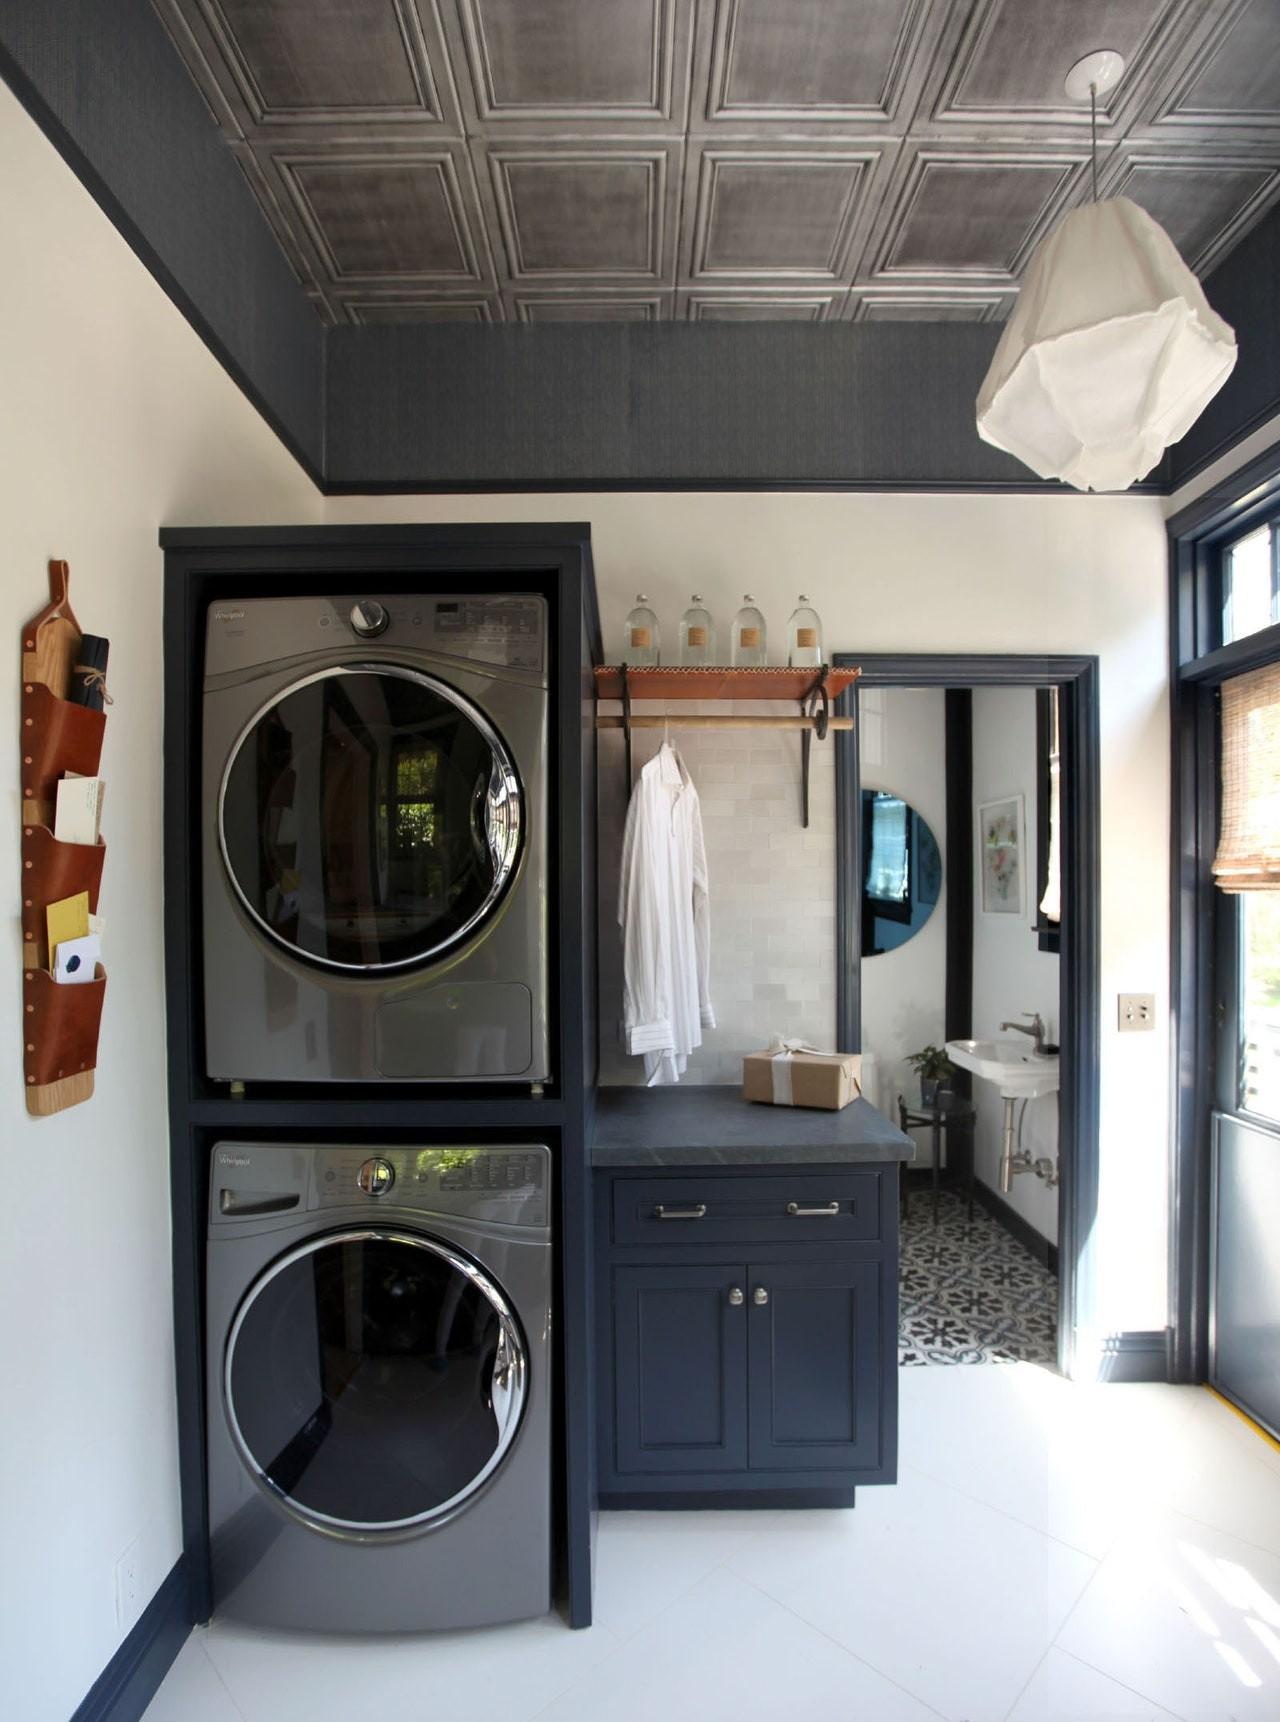 Lavandería decorada: 5 ideas para hacer impecable el espacio (Foto: Publicidad)